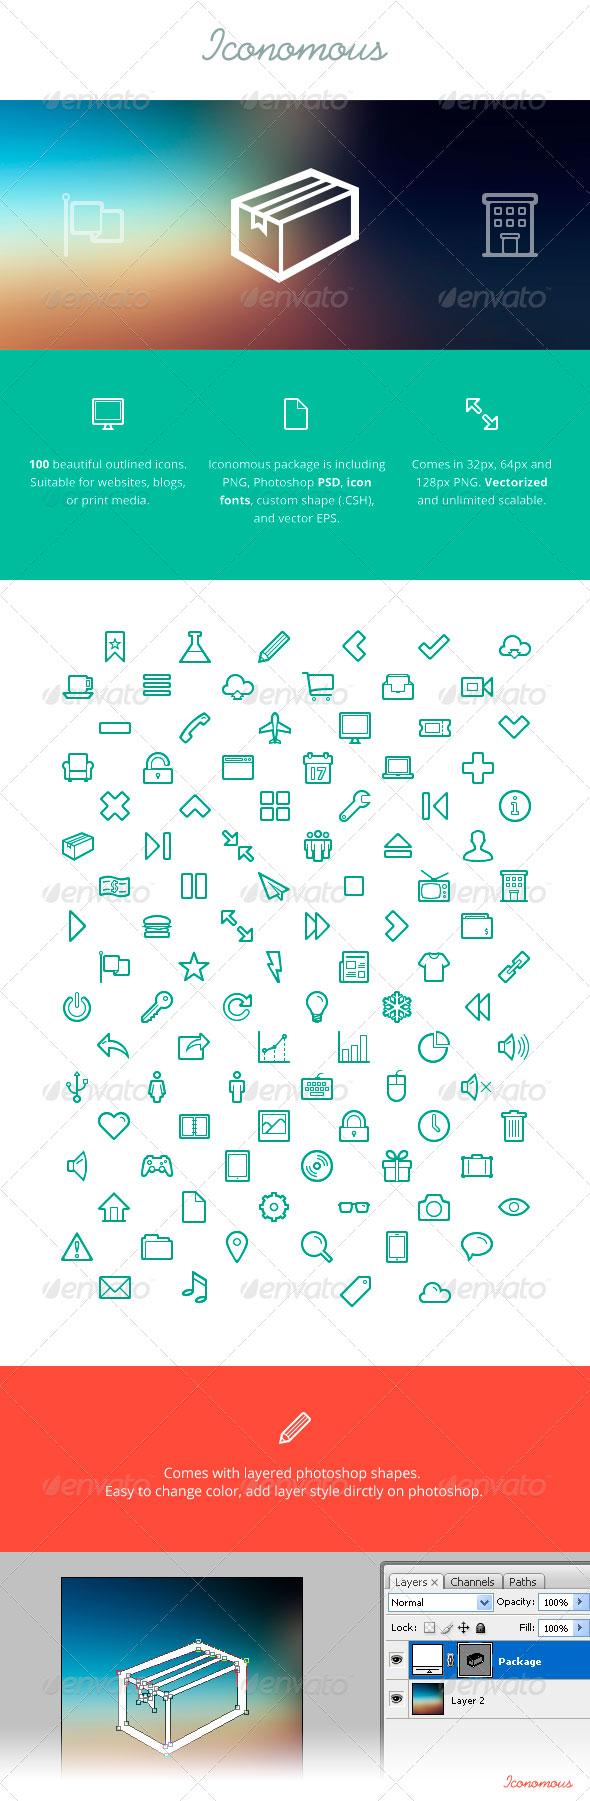 iconos de calidad para descargar gratis